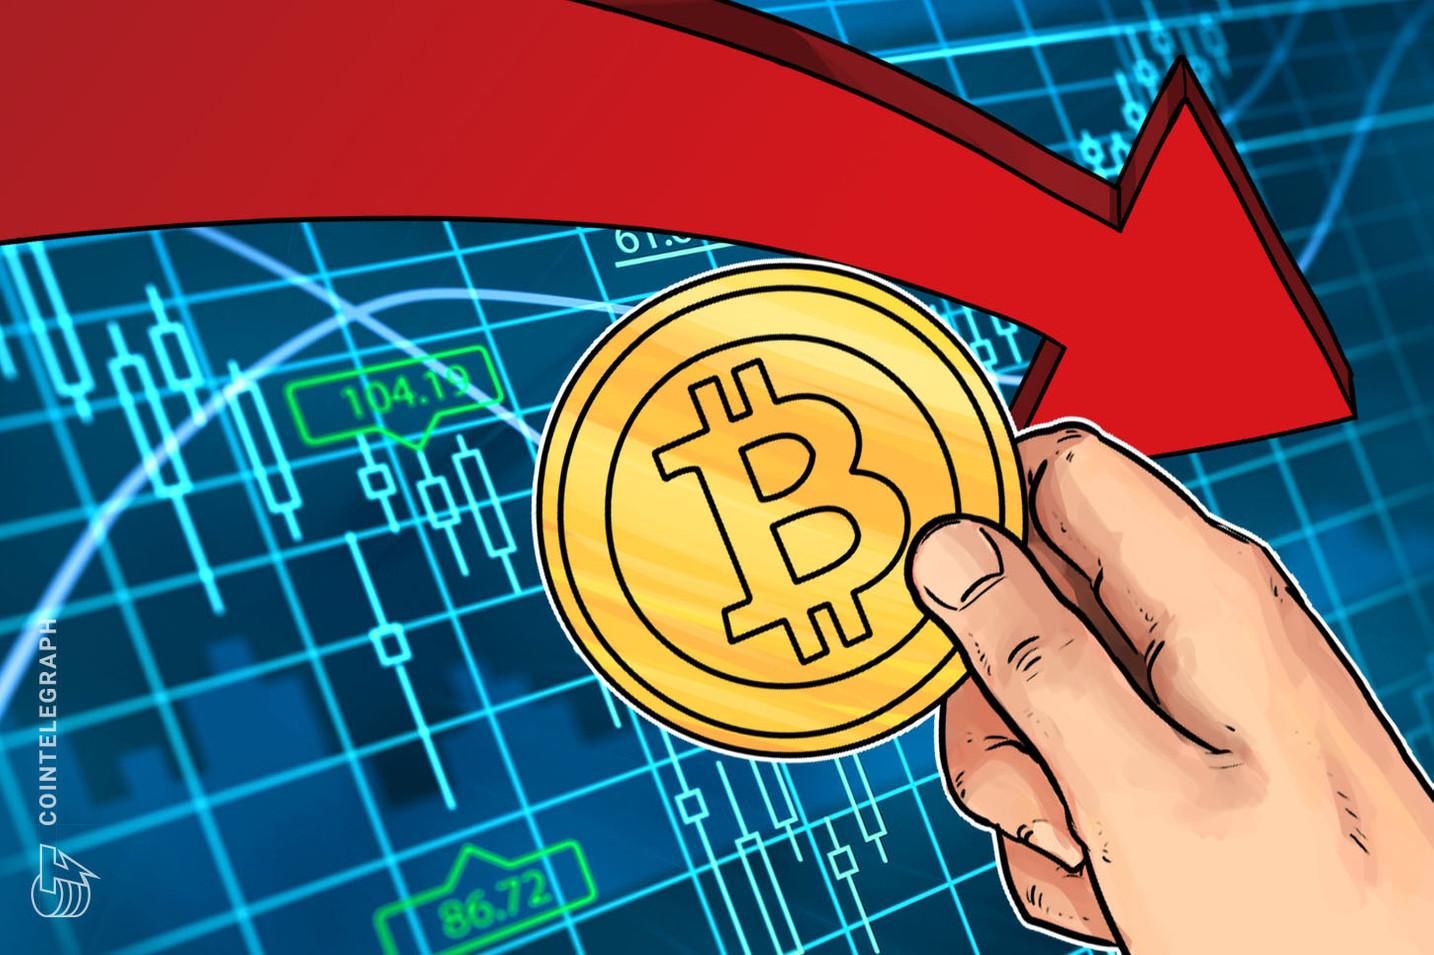 La subida de precios de Bitcoin se tambalea mientras los alcistas luchan por mantener los USD 8,300 de aumento